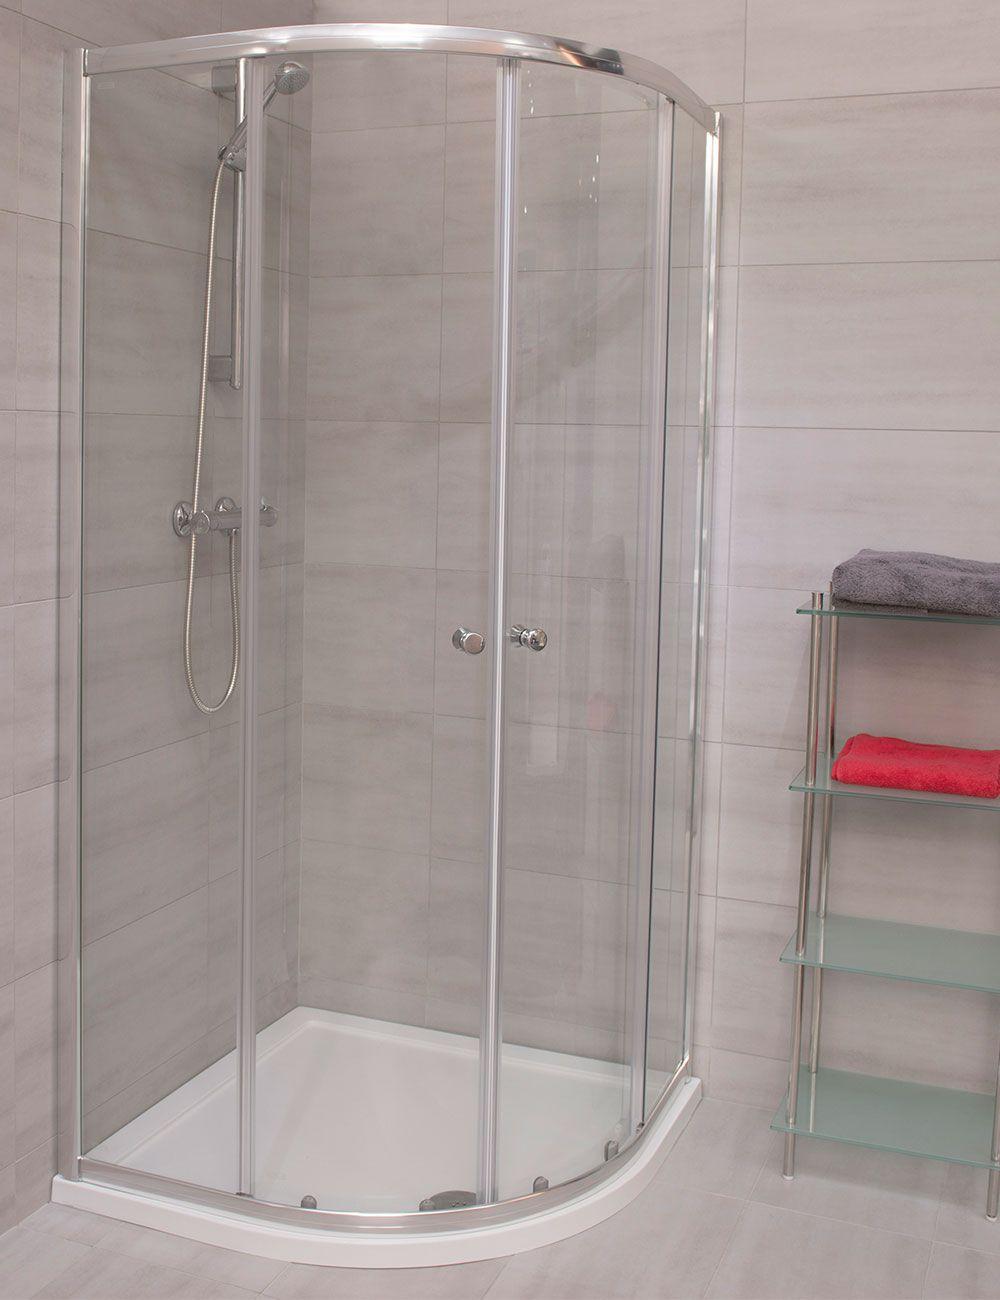 Series 4 Quadrant Shower Enclosure 800 Quadrant Shower Shower Enclosure Quadrant Shower Enclosures